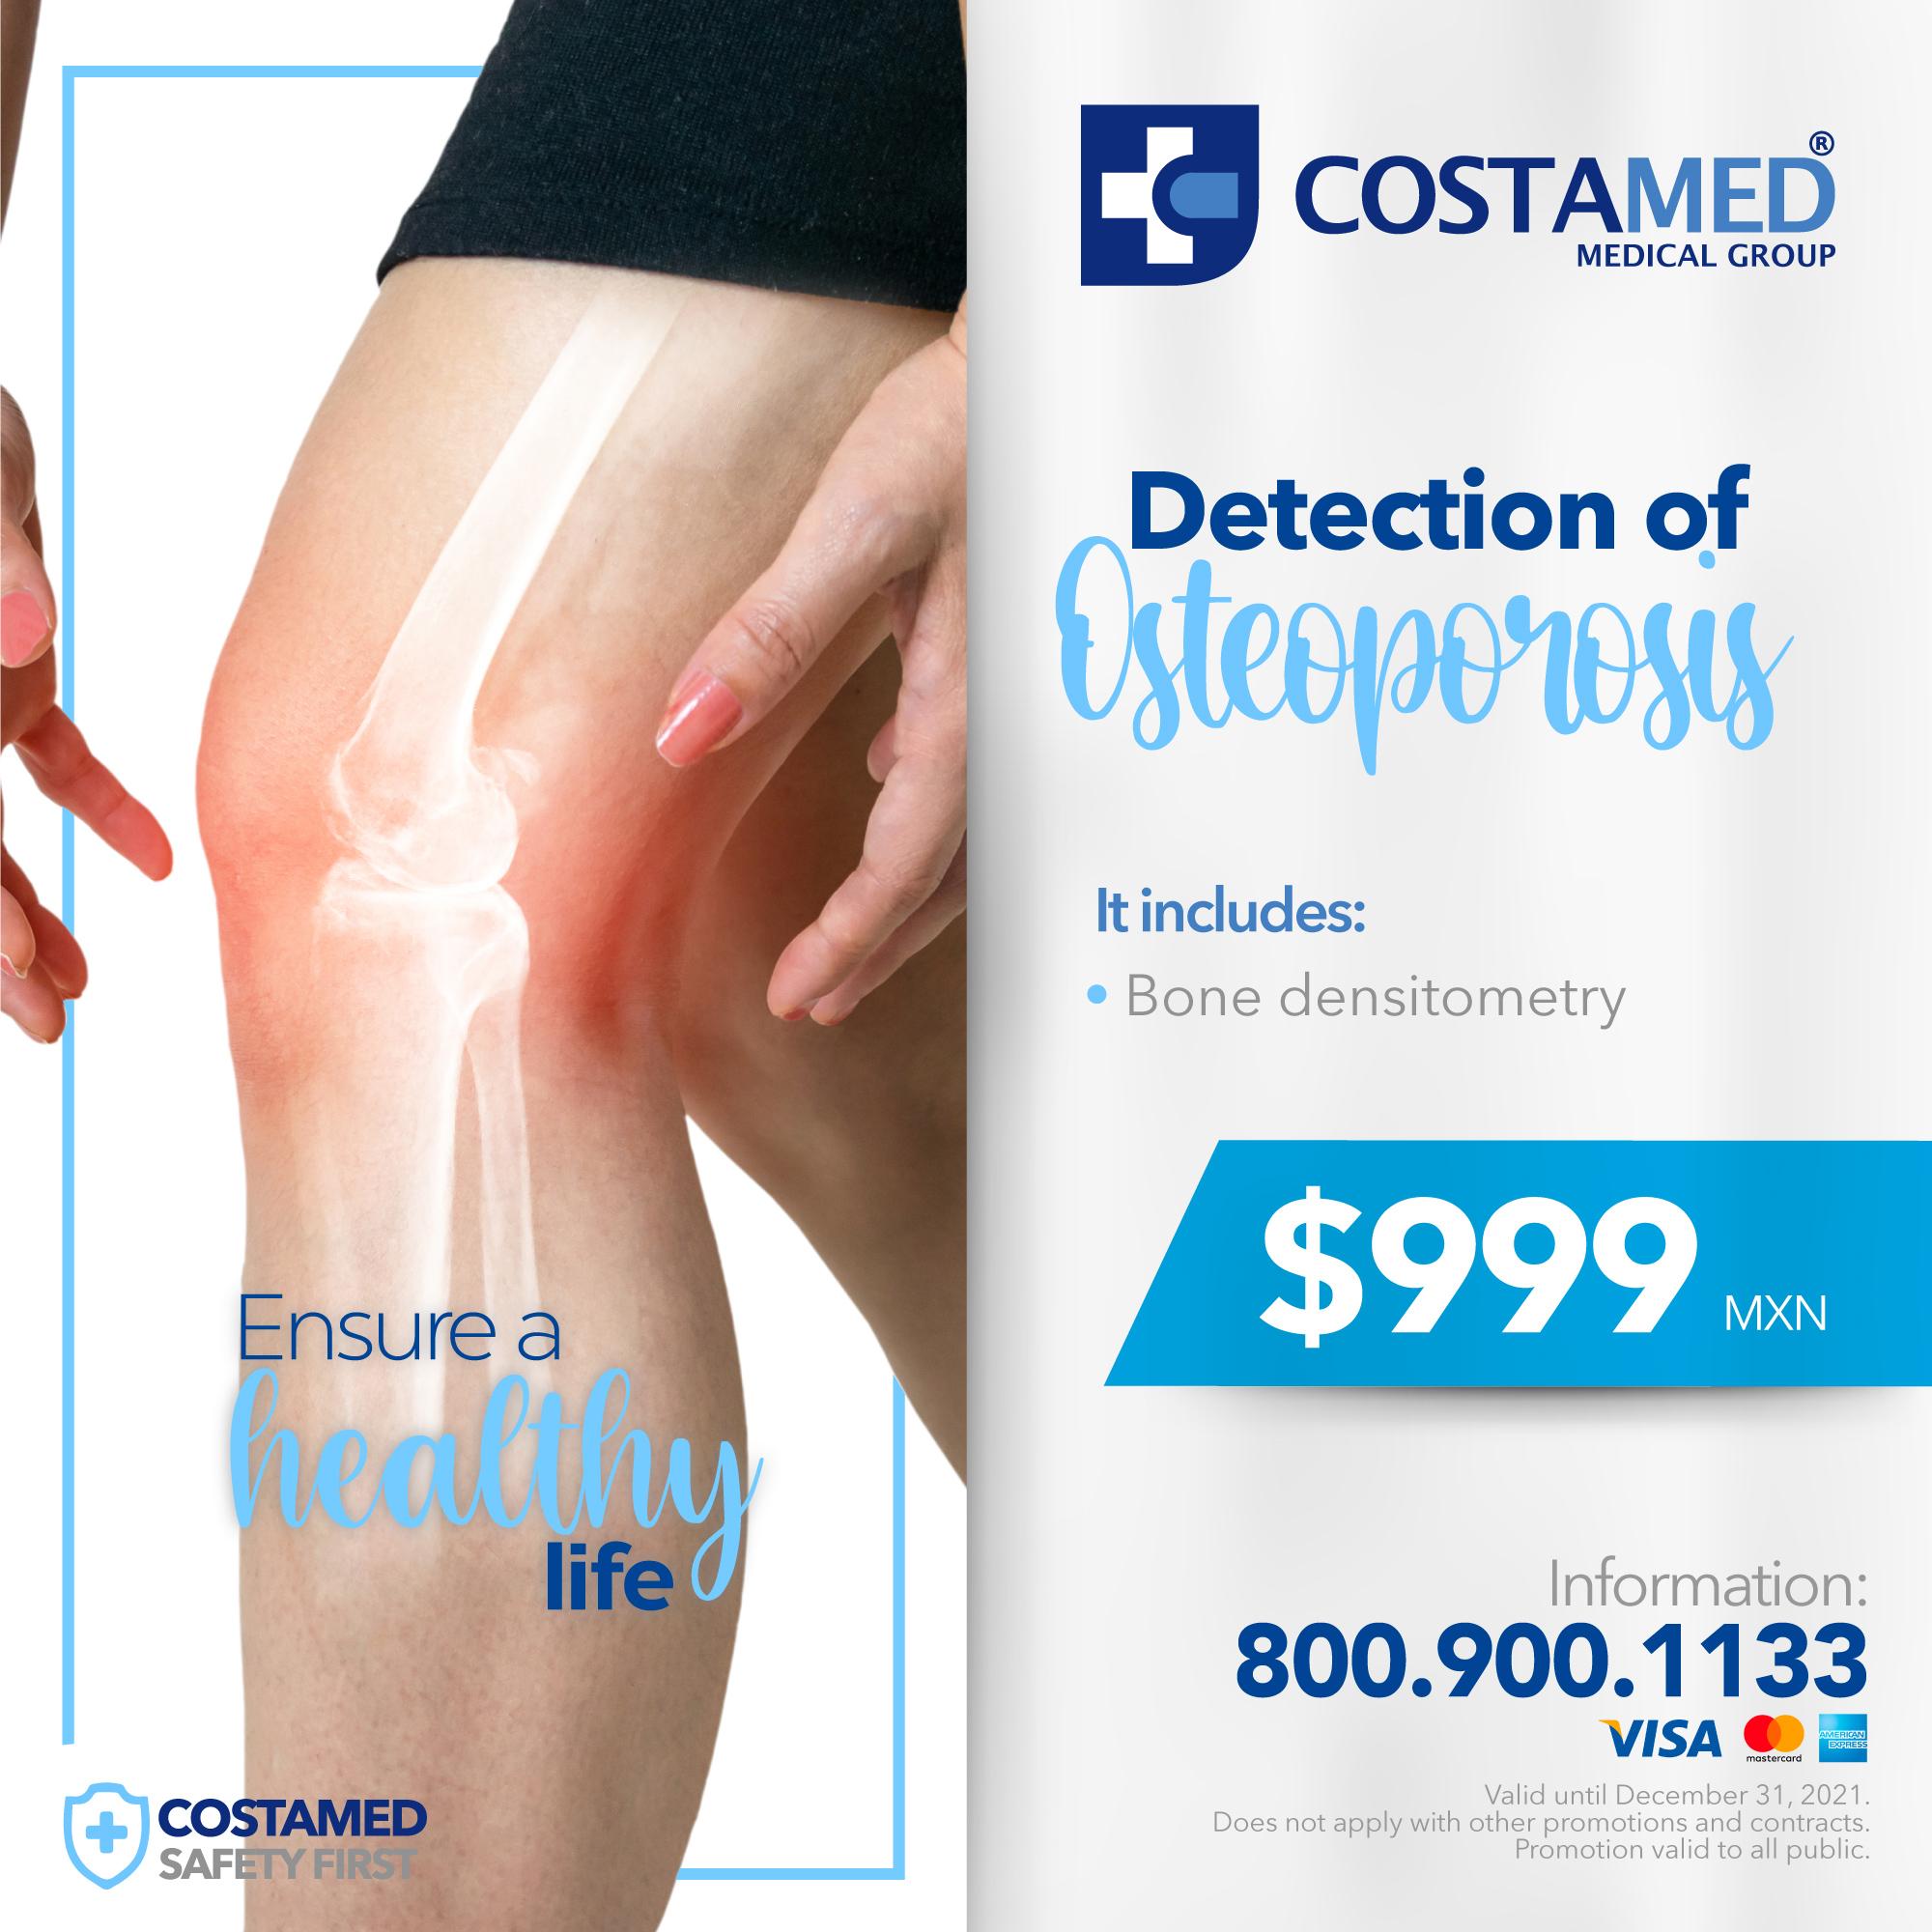 ING-Det-Osteoporosis.jpg